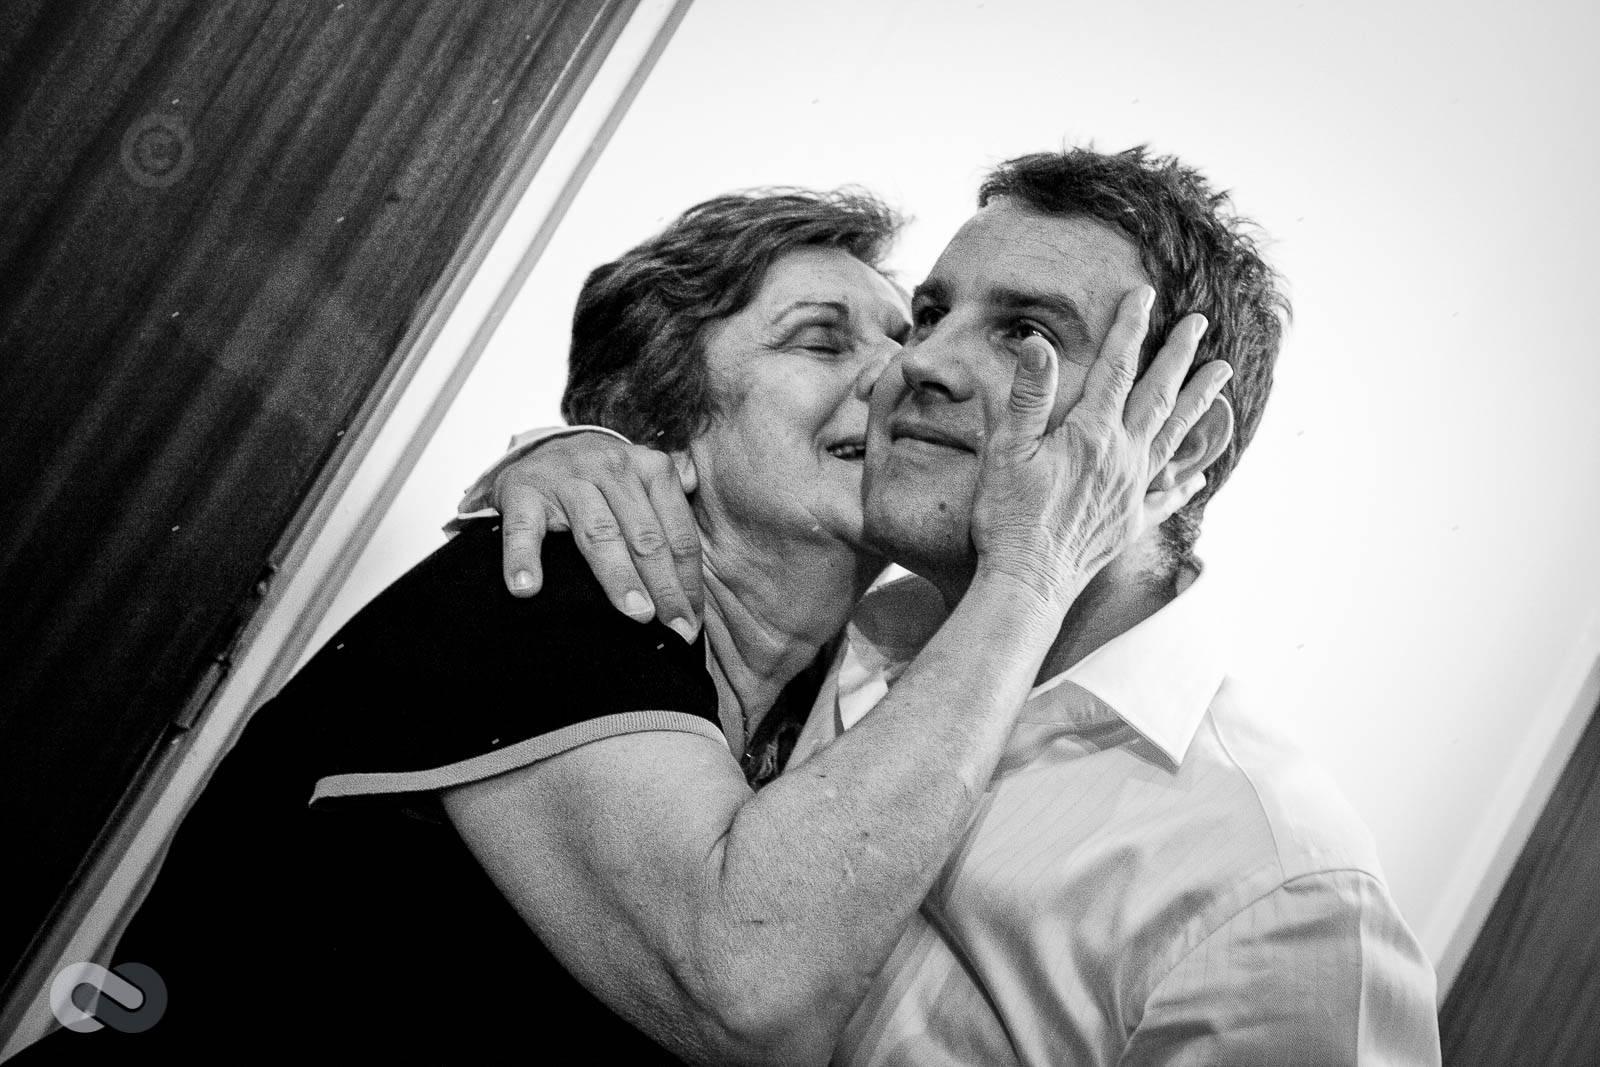 η ευχή της μάνας για το γάμο